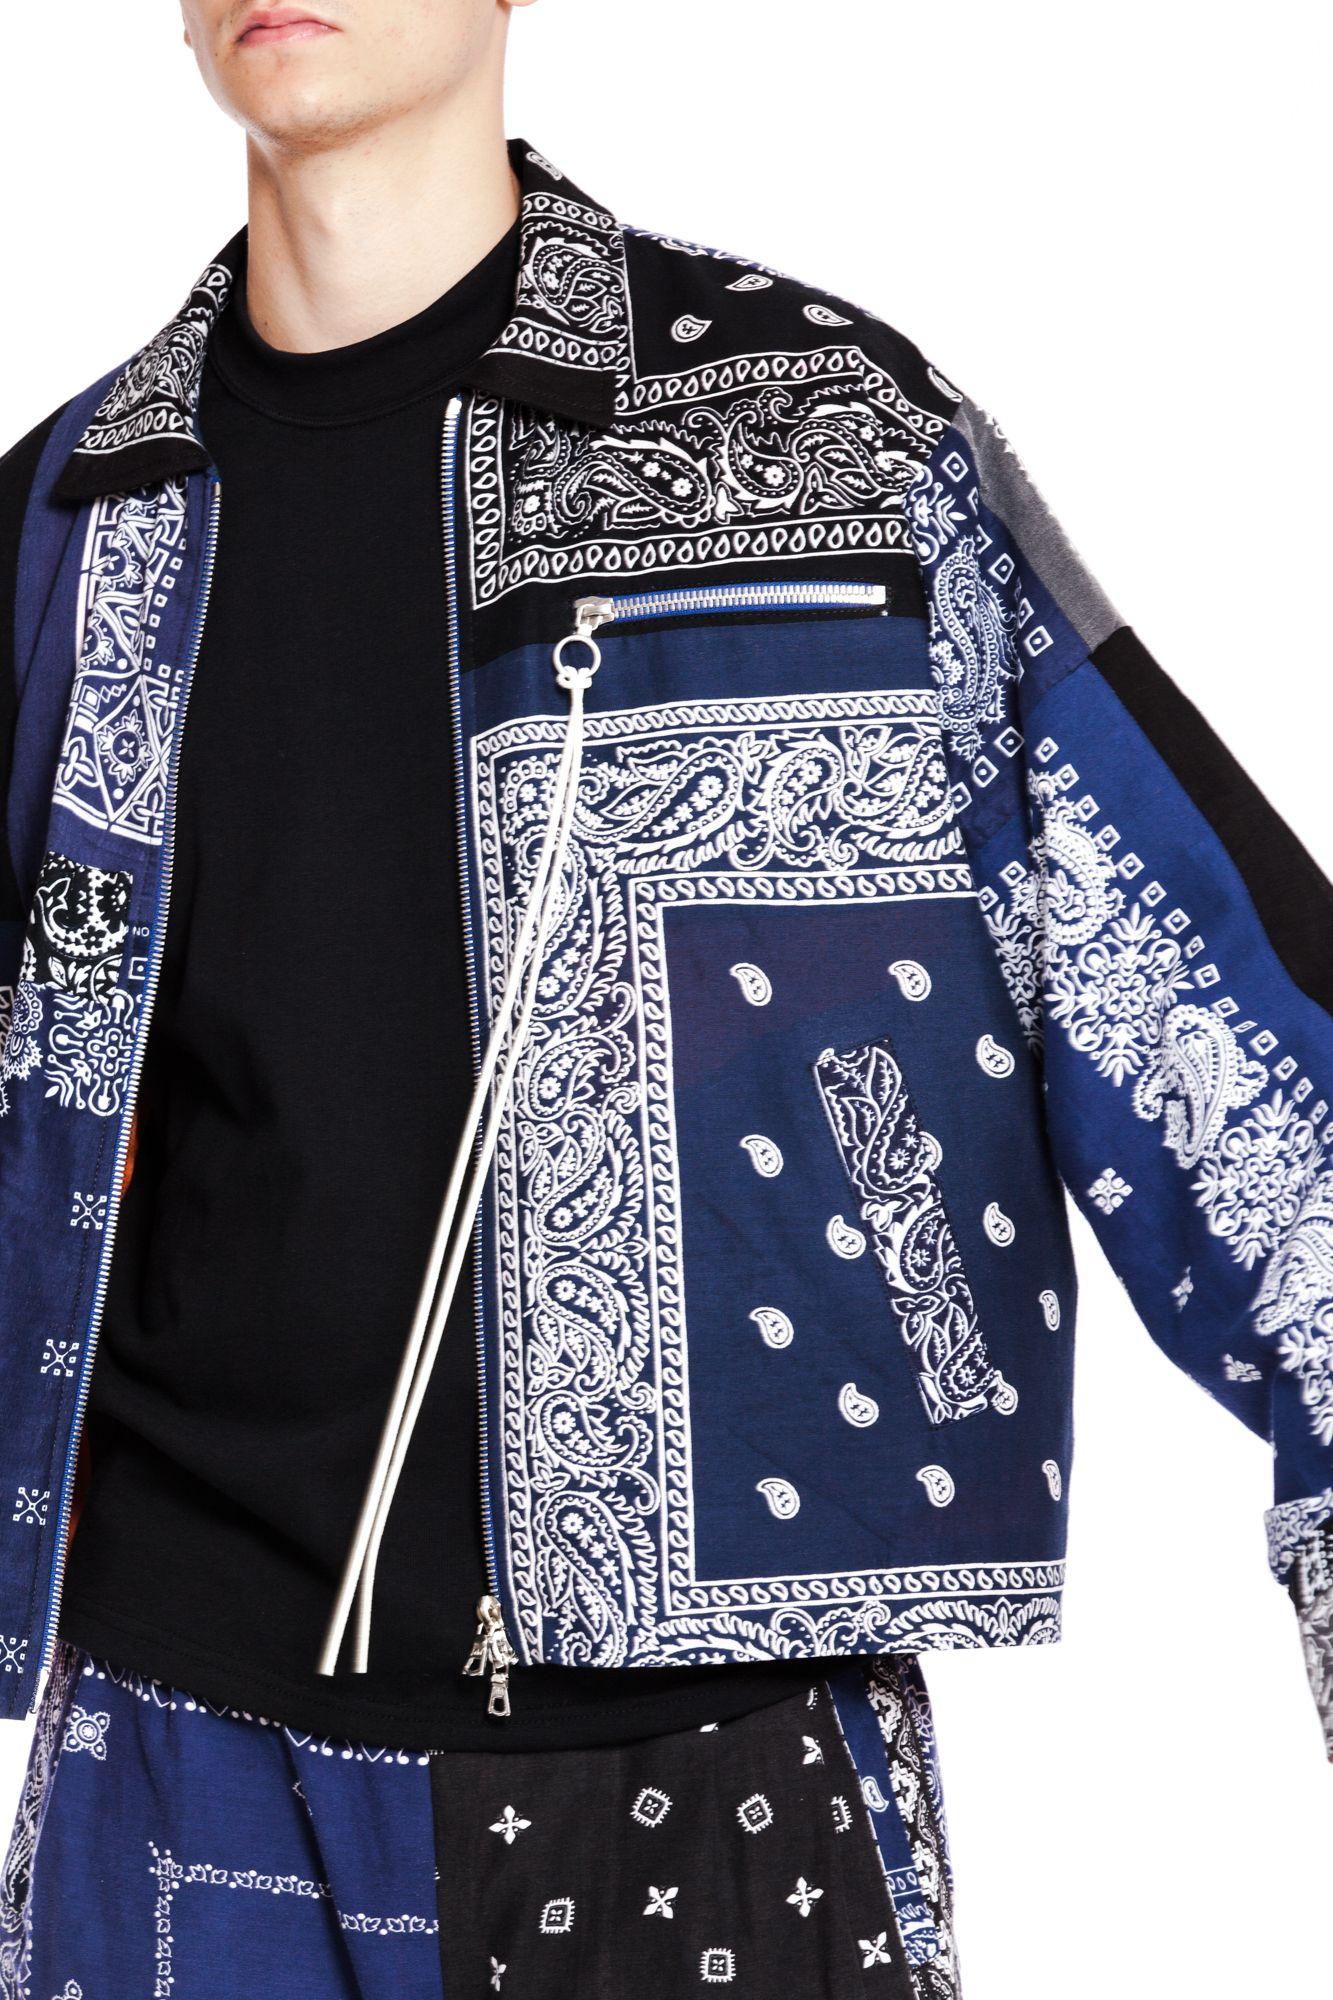 Patchwork Bandana Jacket Streetwear Fashion Streetwear Men Outfits Fashion [ 2000 x 1333 Pixel ]